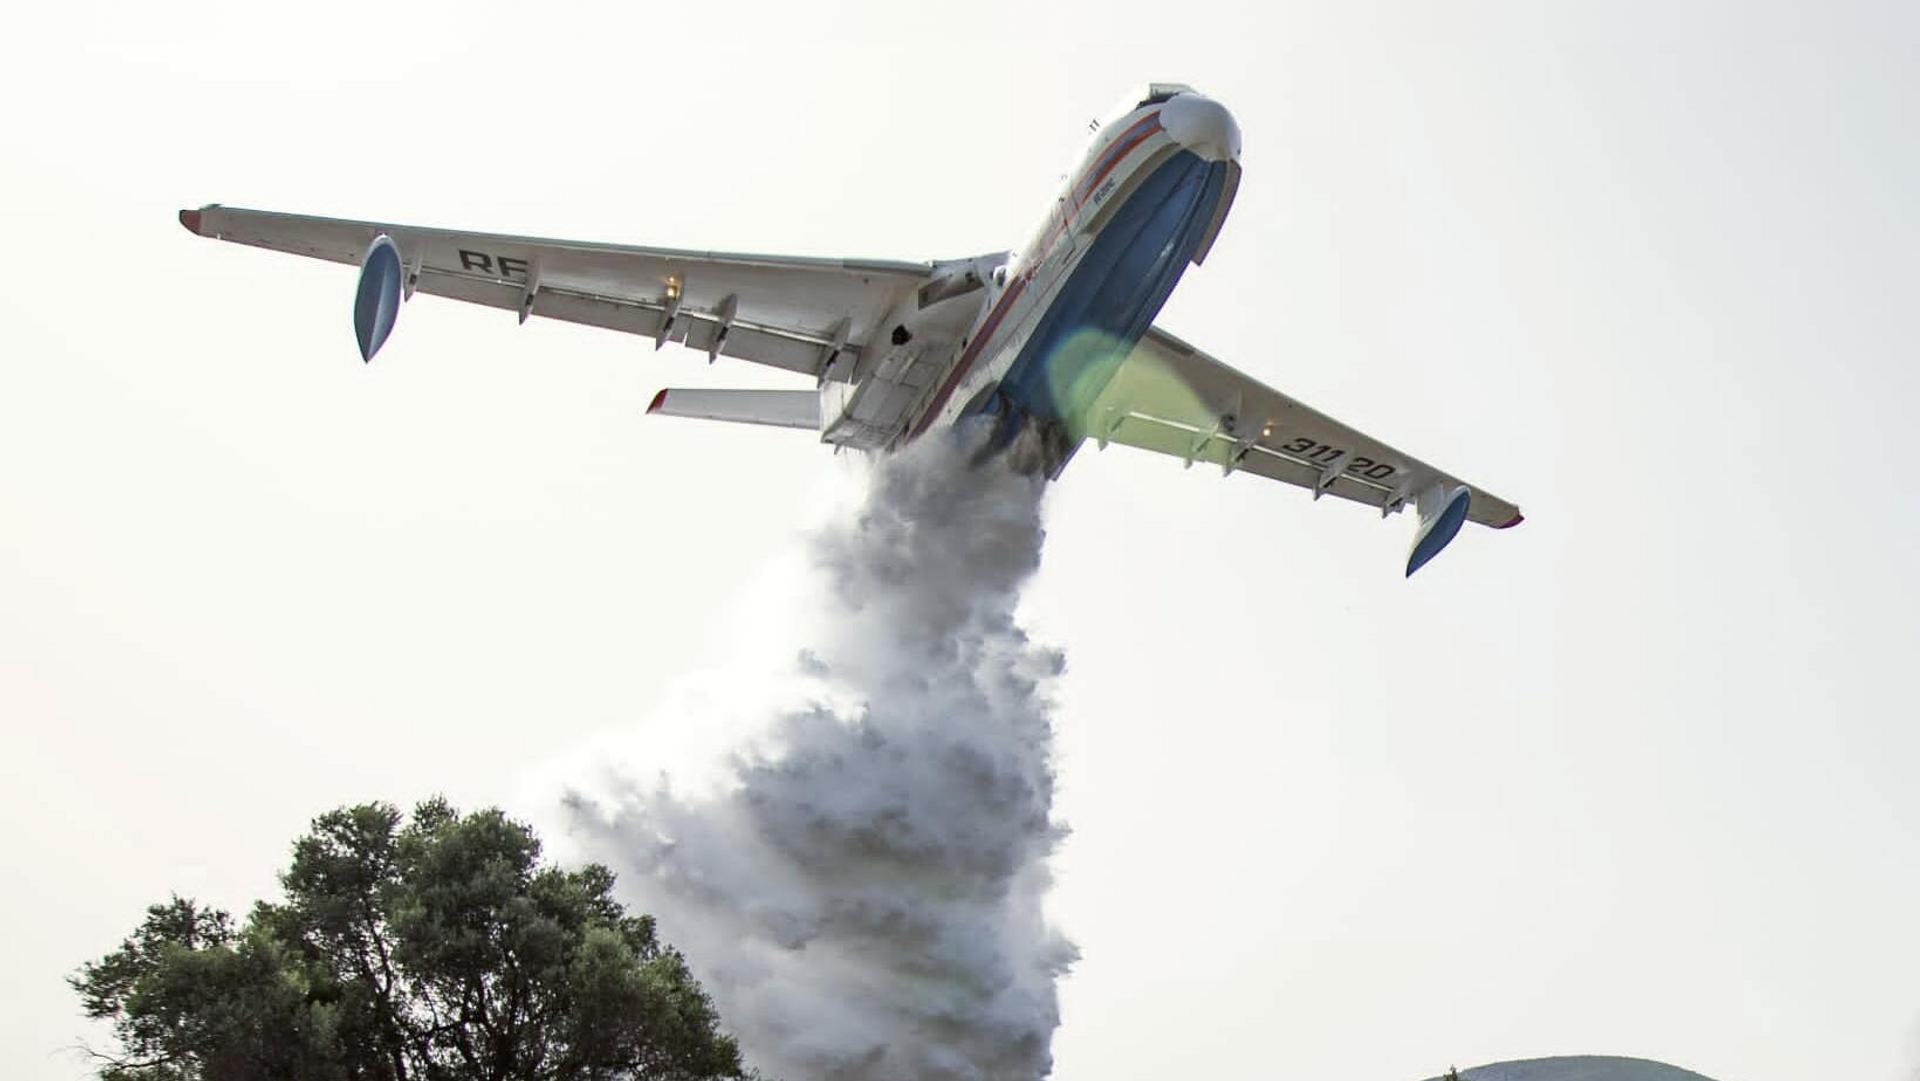 Российский самолет-амфибия Бе-200, задействованный для тушения пожаров в Турции - РИА Новости, 1920, 02.08.2021